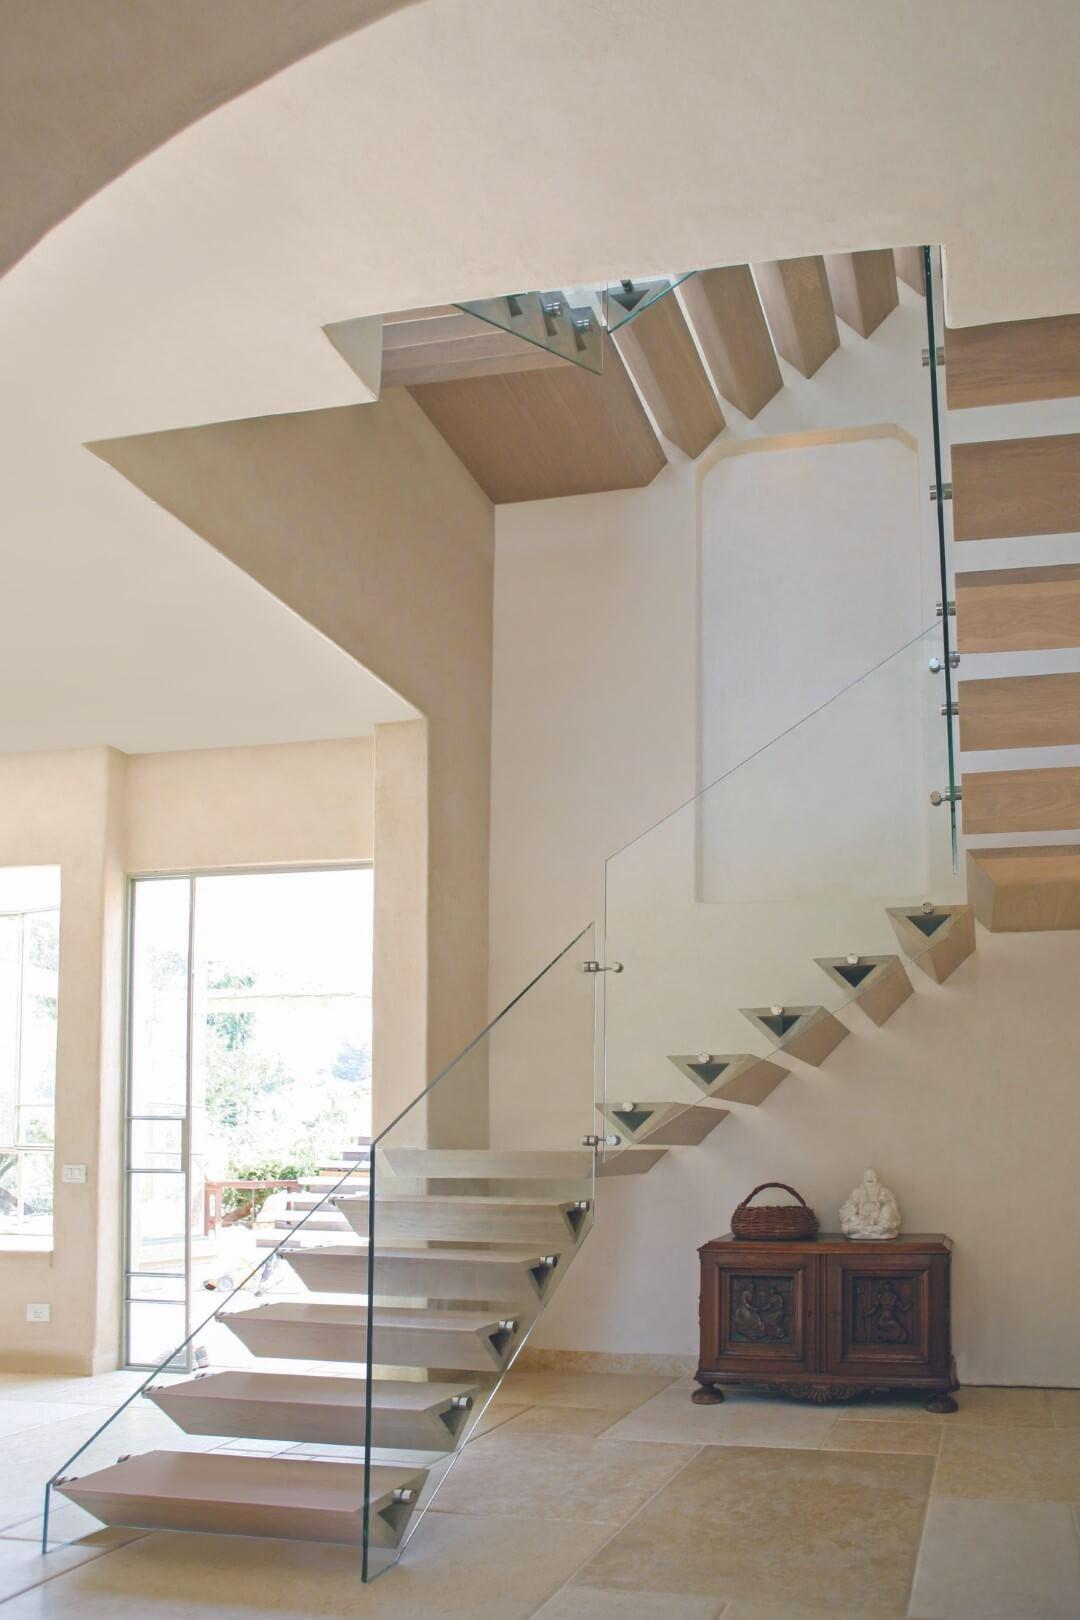 ארבעה גרמי מדרגות עץ אלון בהיר בליווי מעקה זכוכית שקופה